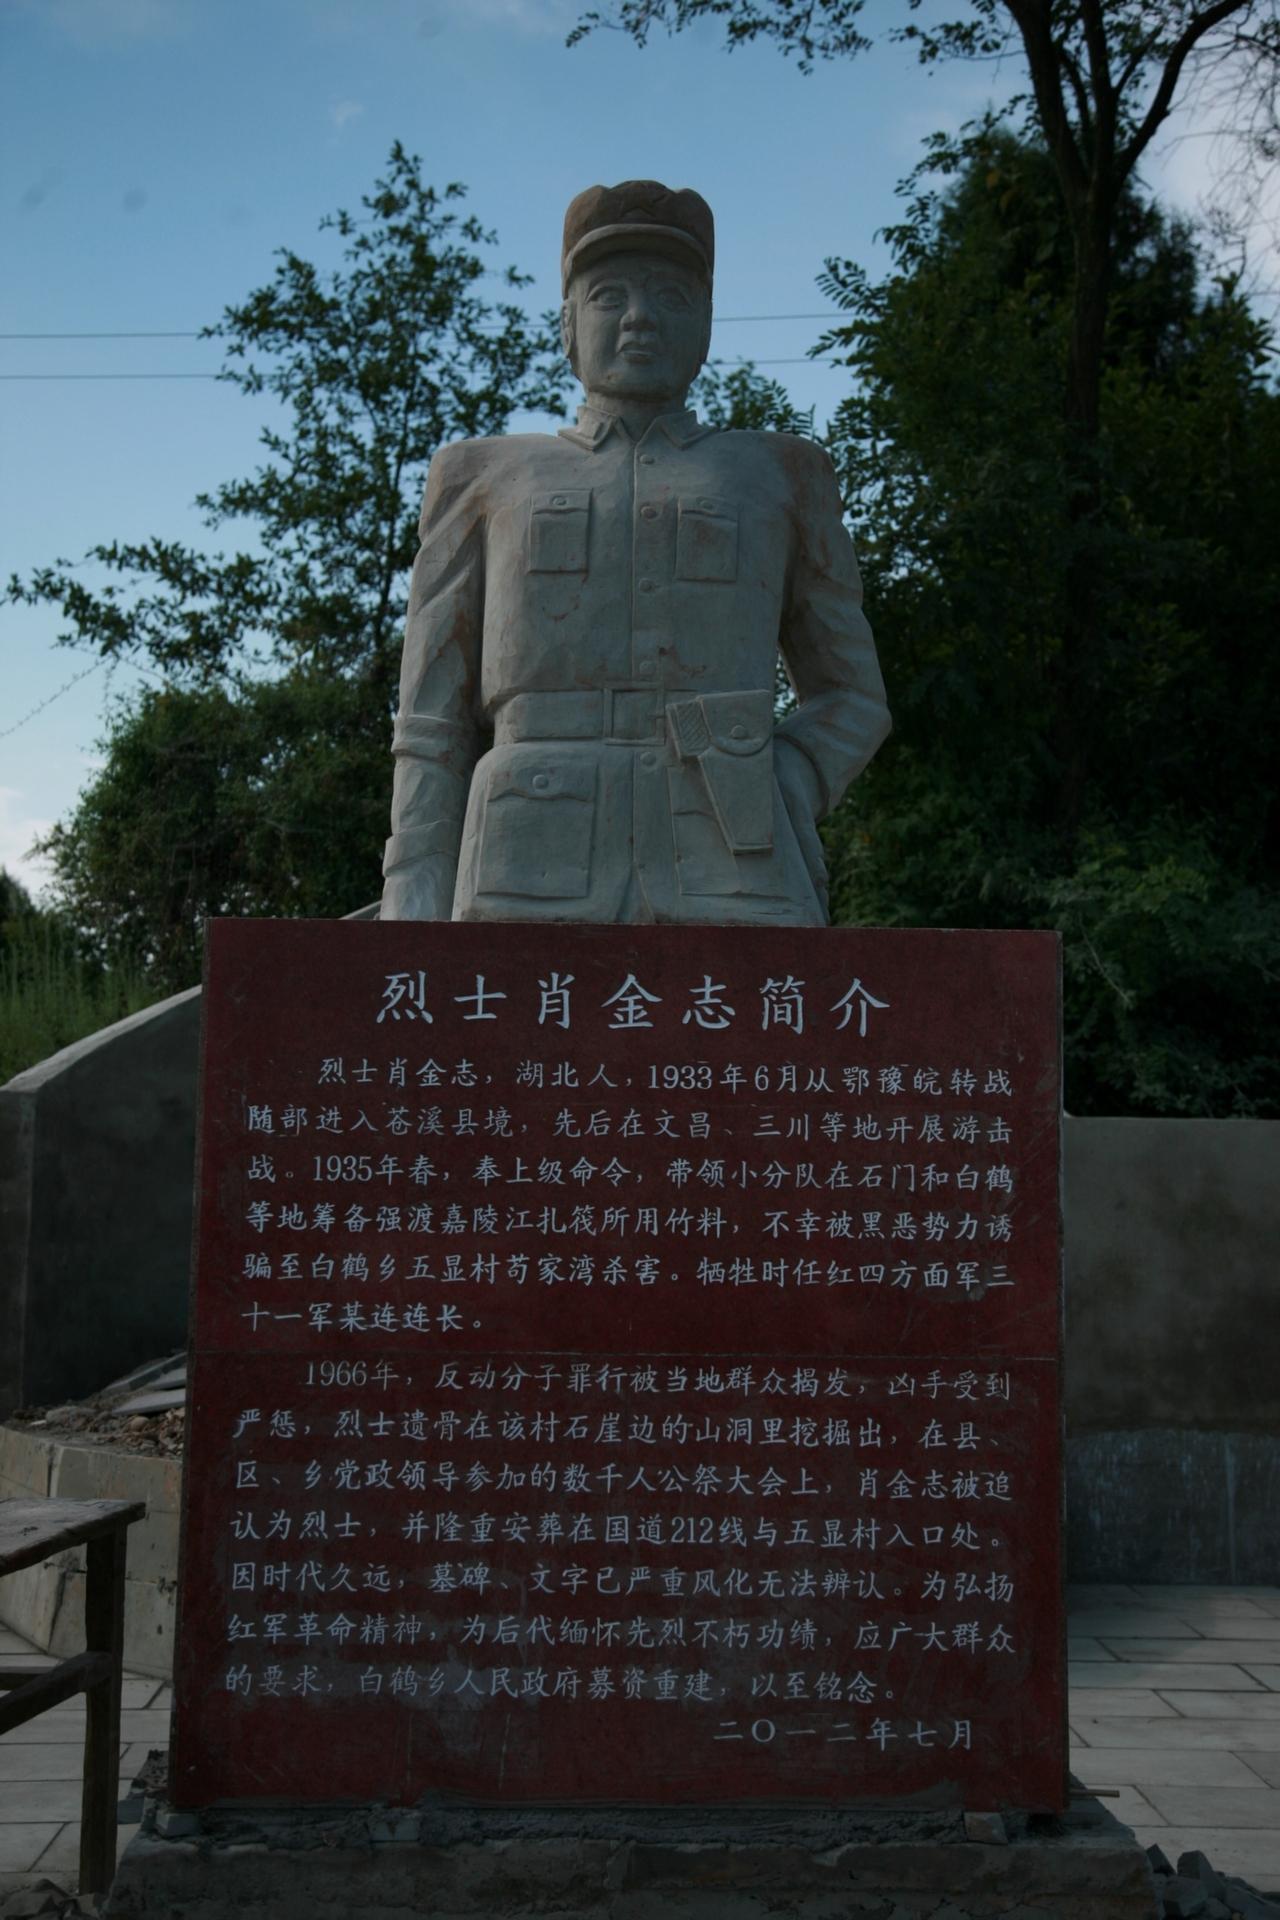 肖金志烈士墓